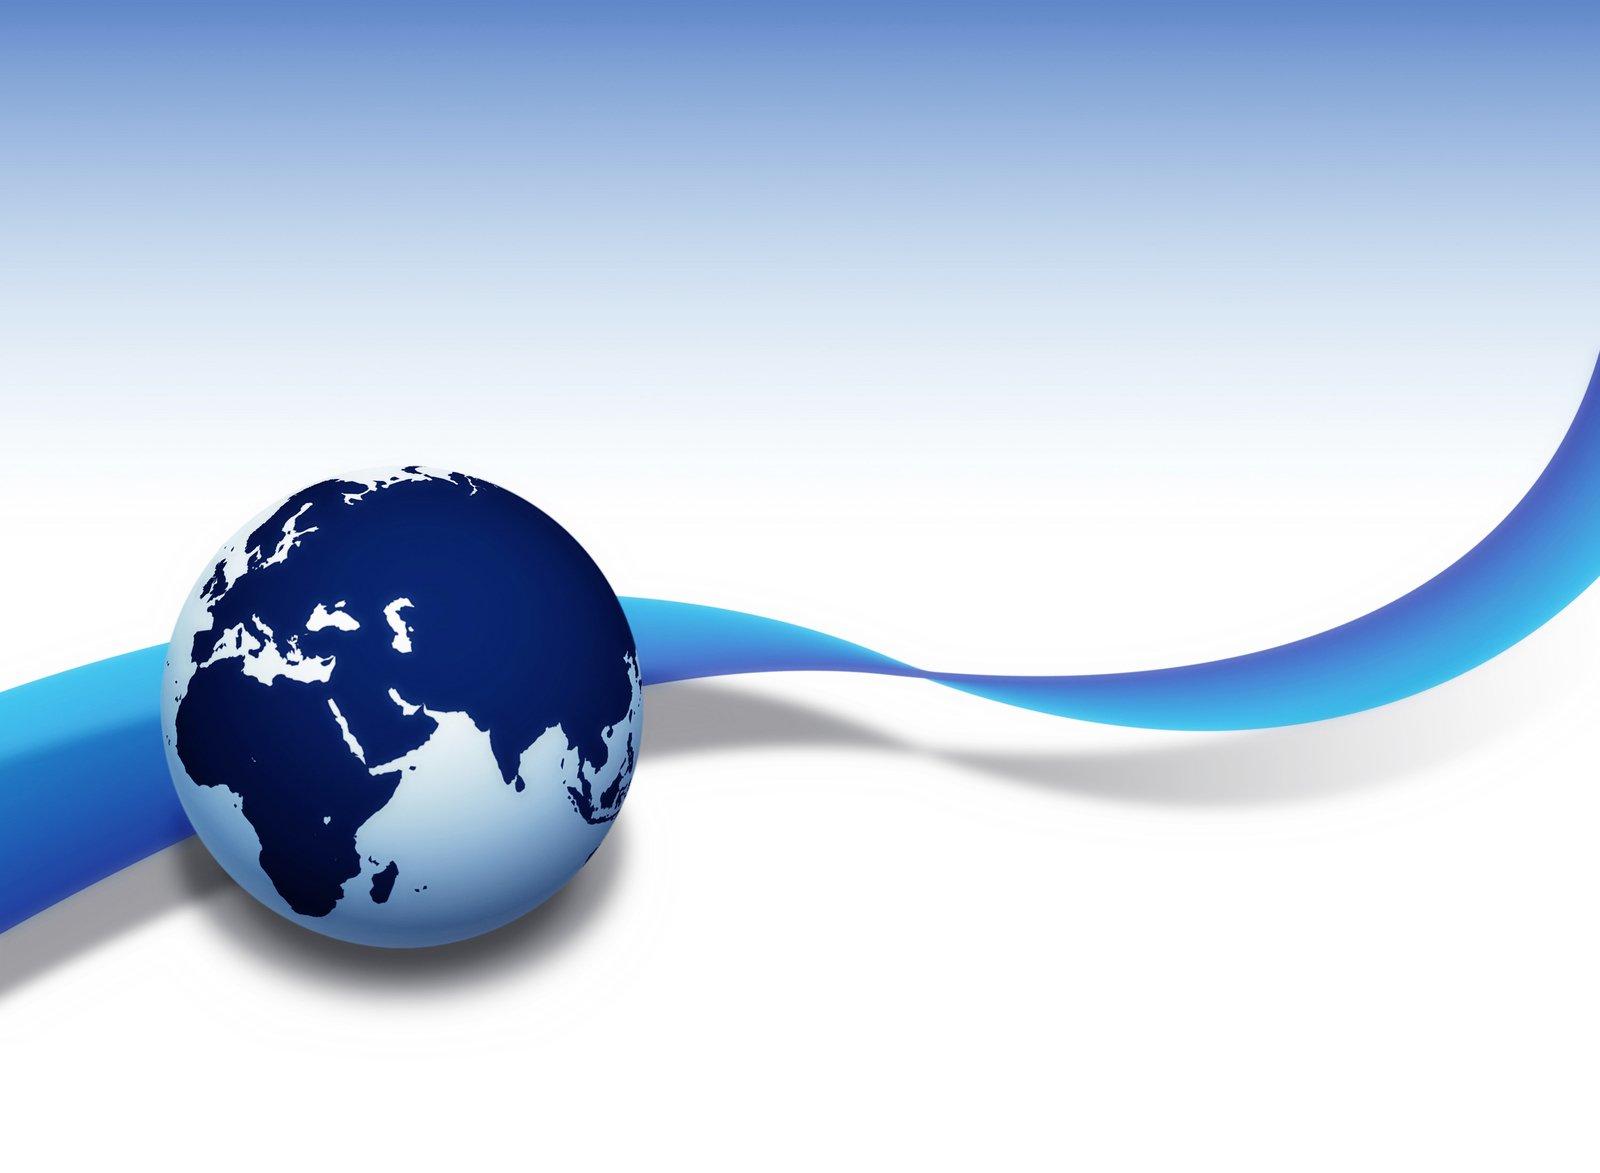 IMF and global economy